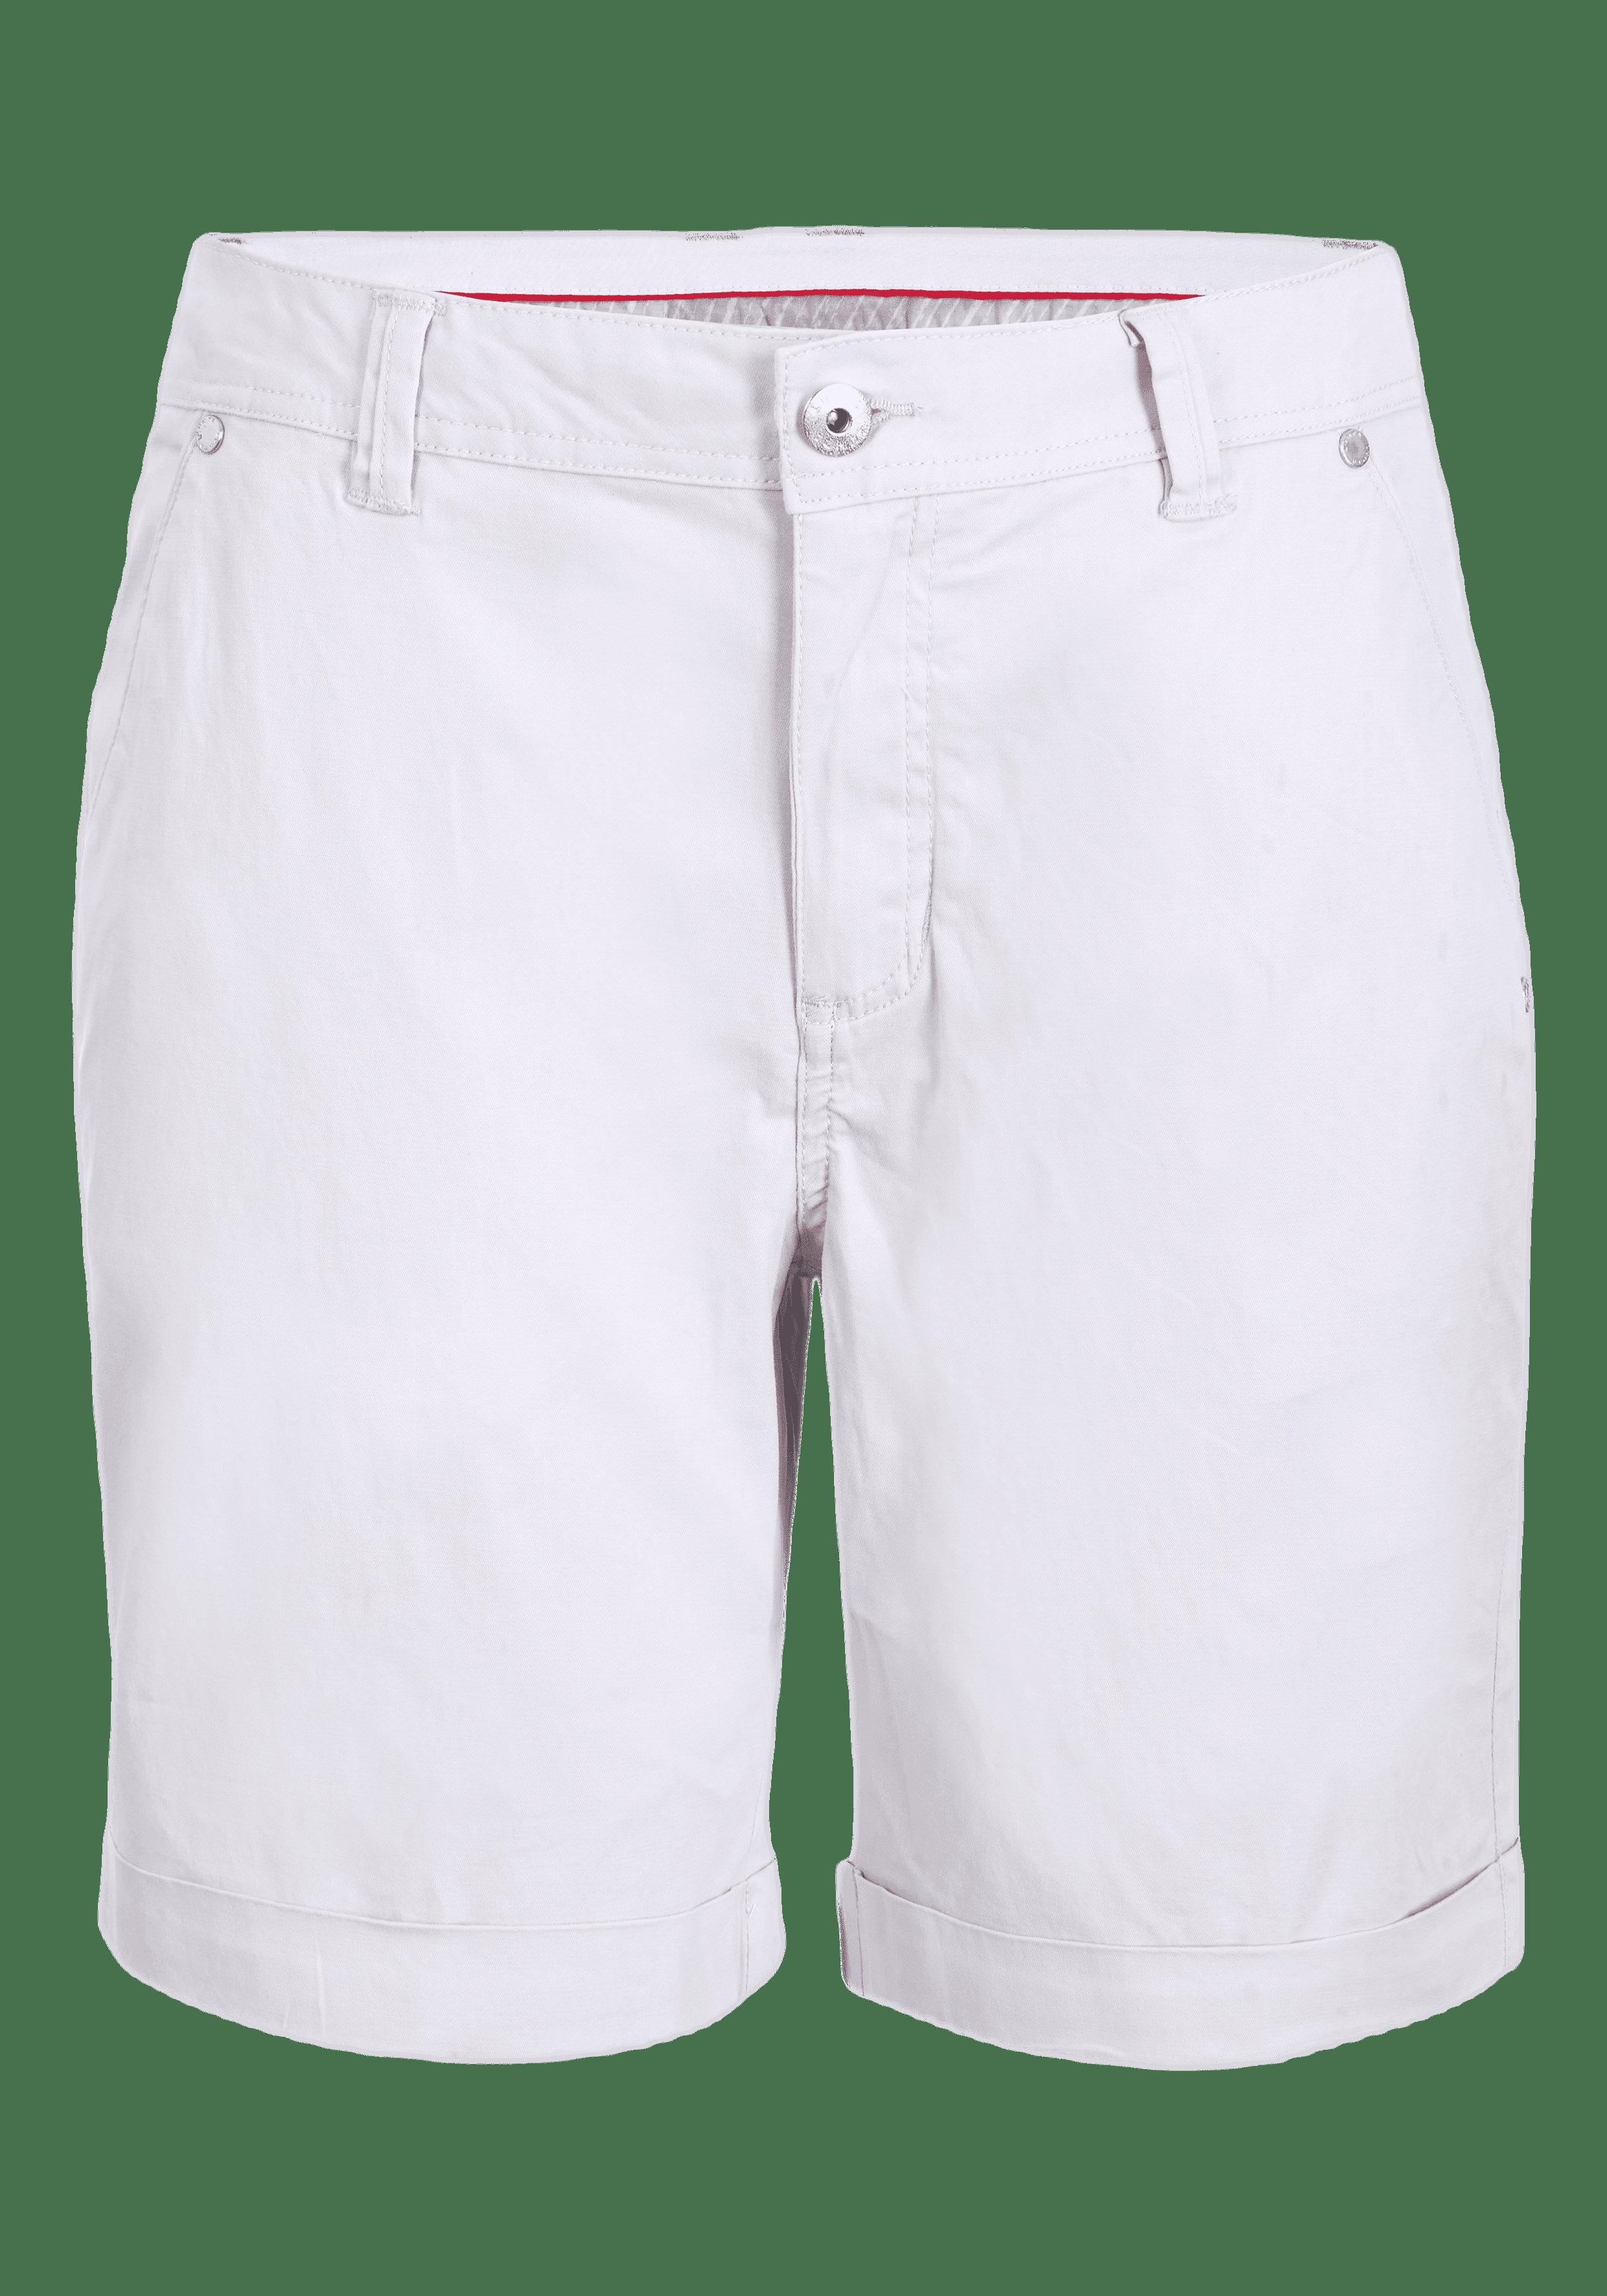 Shorts ahonkulma